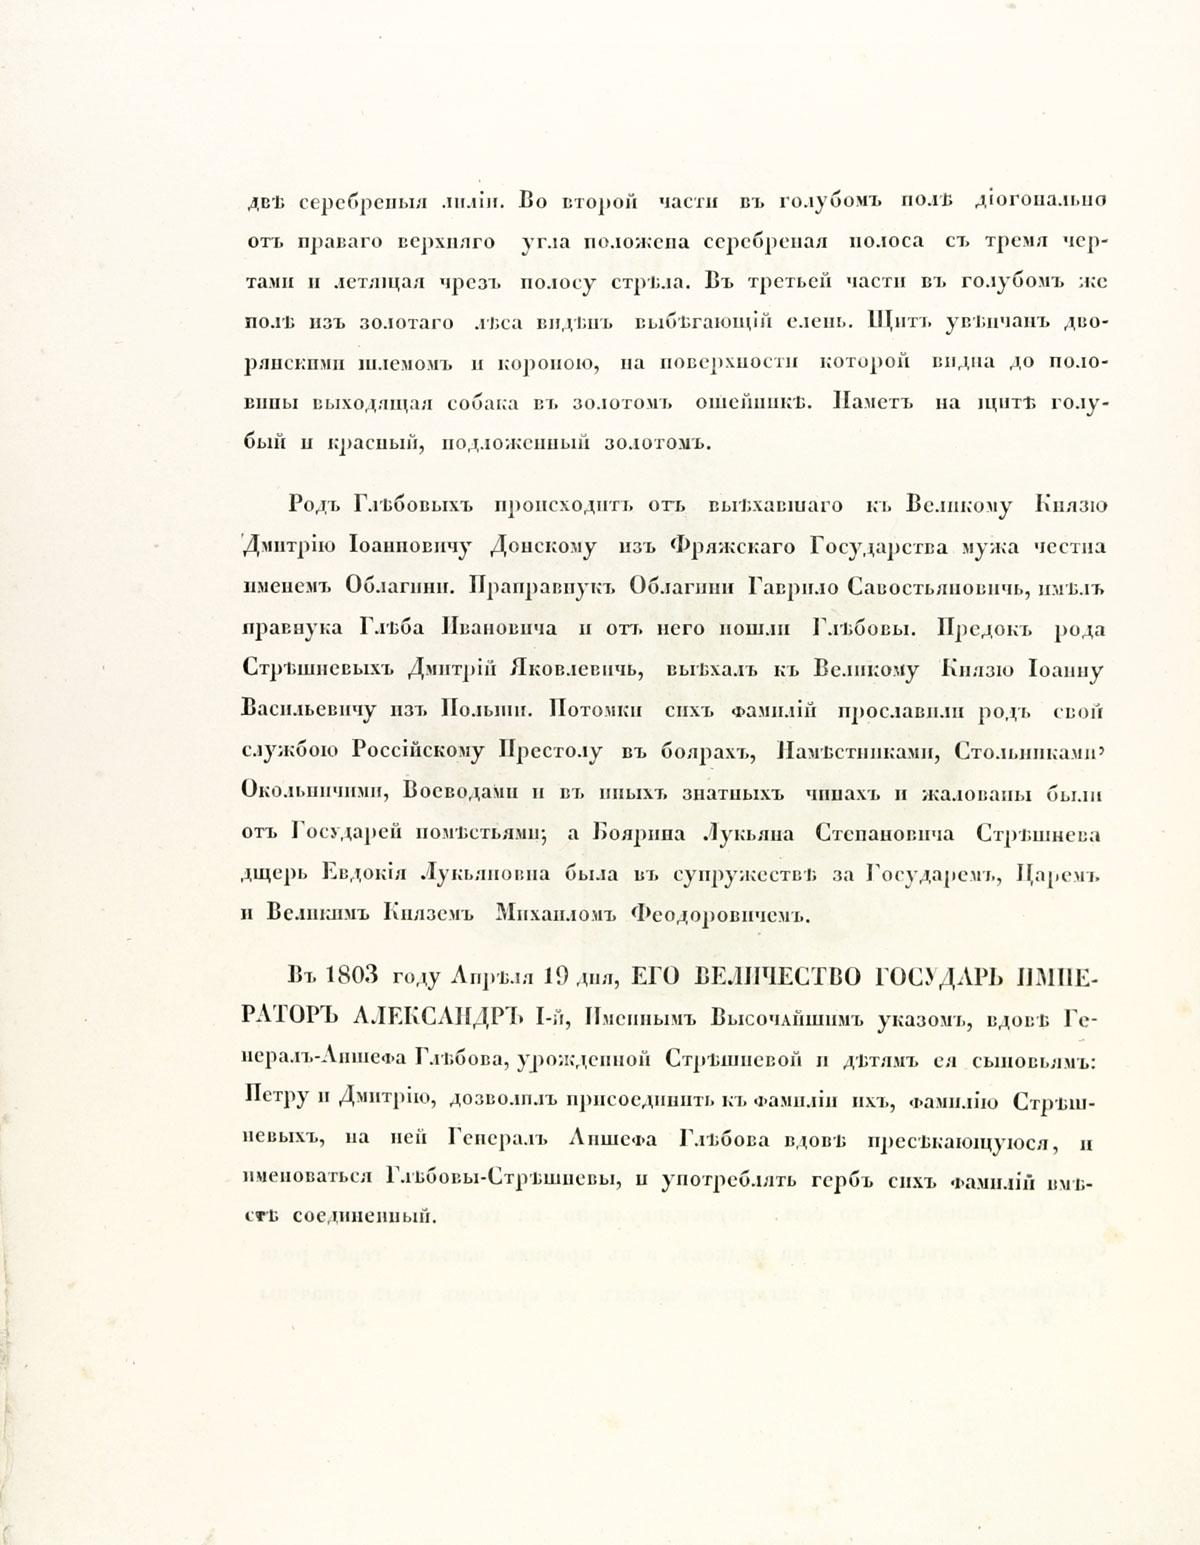 Герб рода Глебовых-Стрешневых, стр. 2